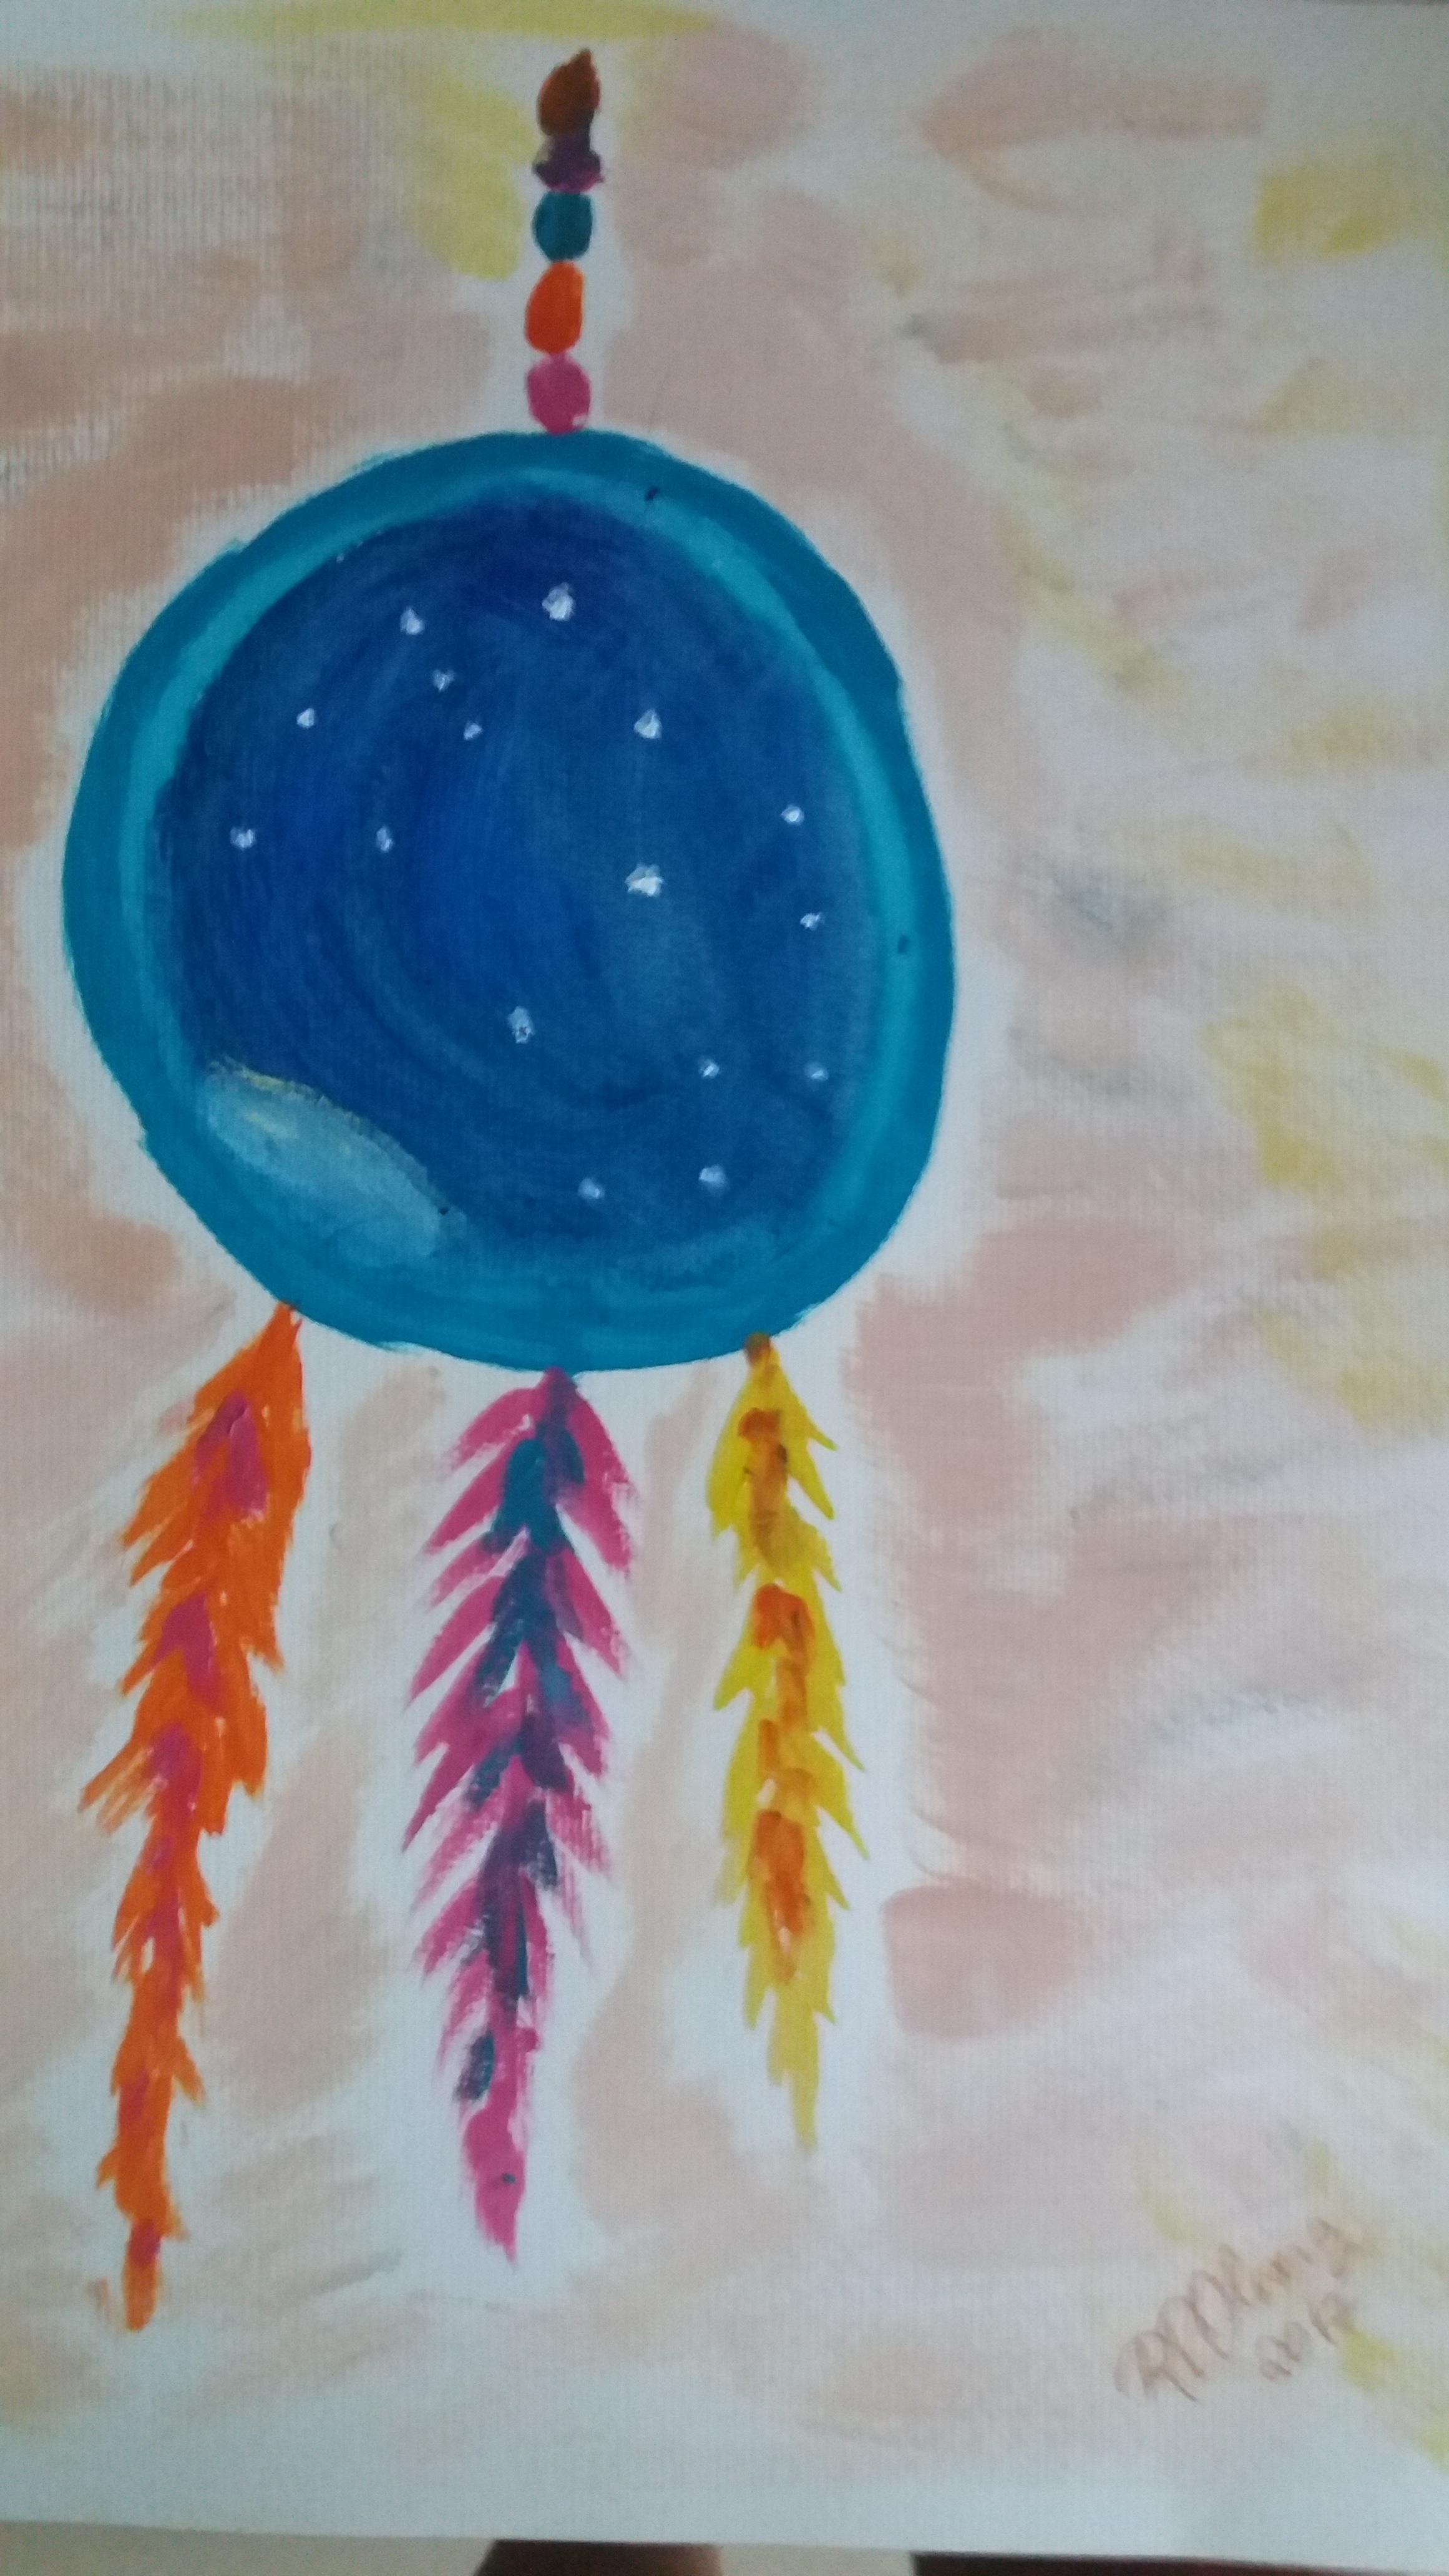 Filtro do infinito pintado pela professora Renata Peixoto de Oliveira em homenagem aos estudantes que partiram no dia 16 de dezembro de 2017